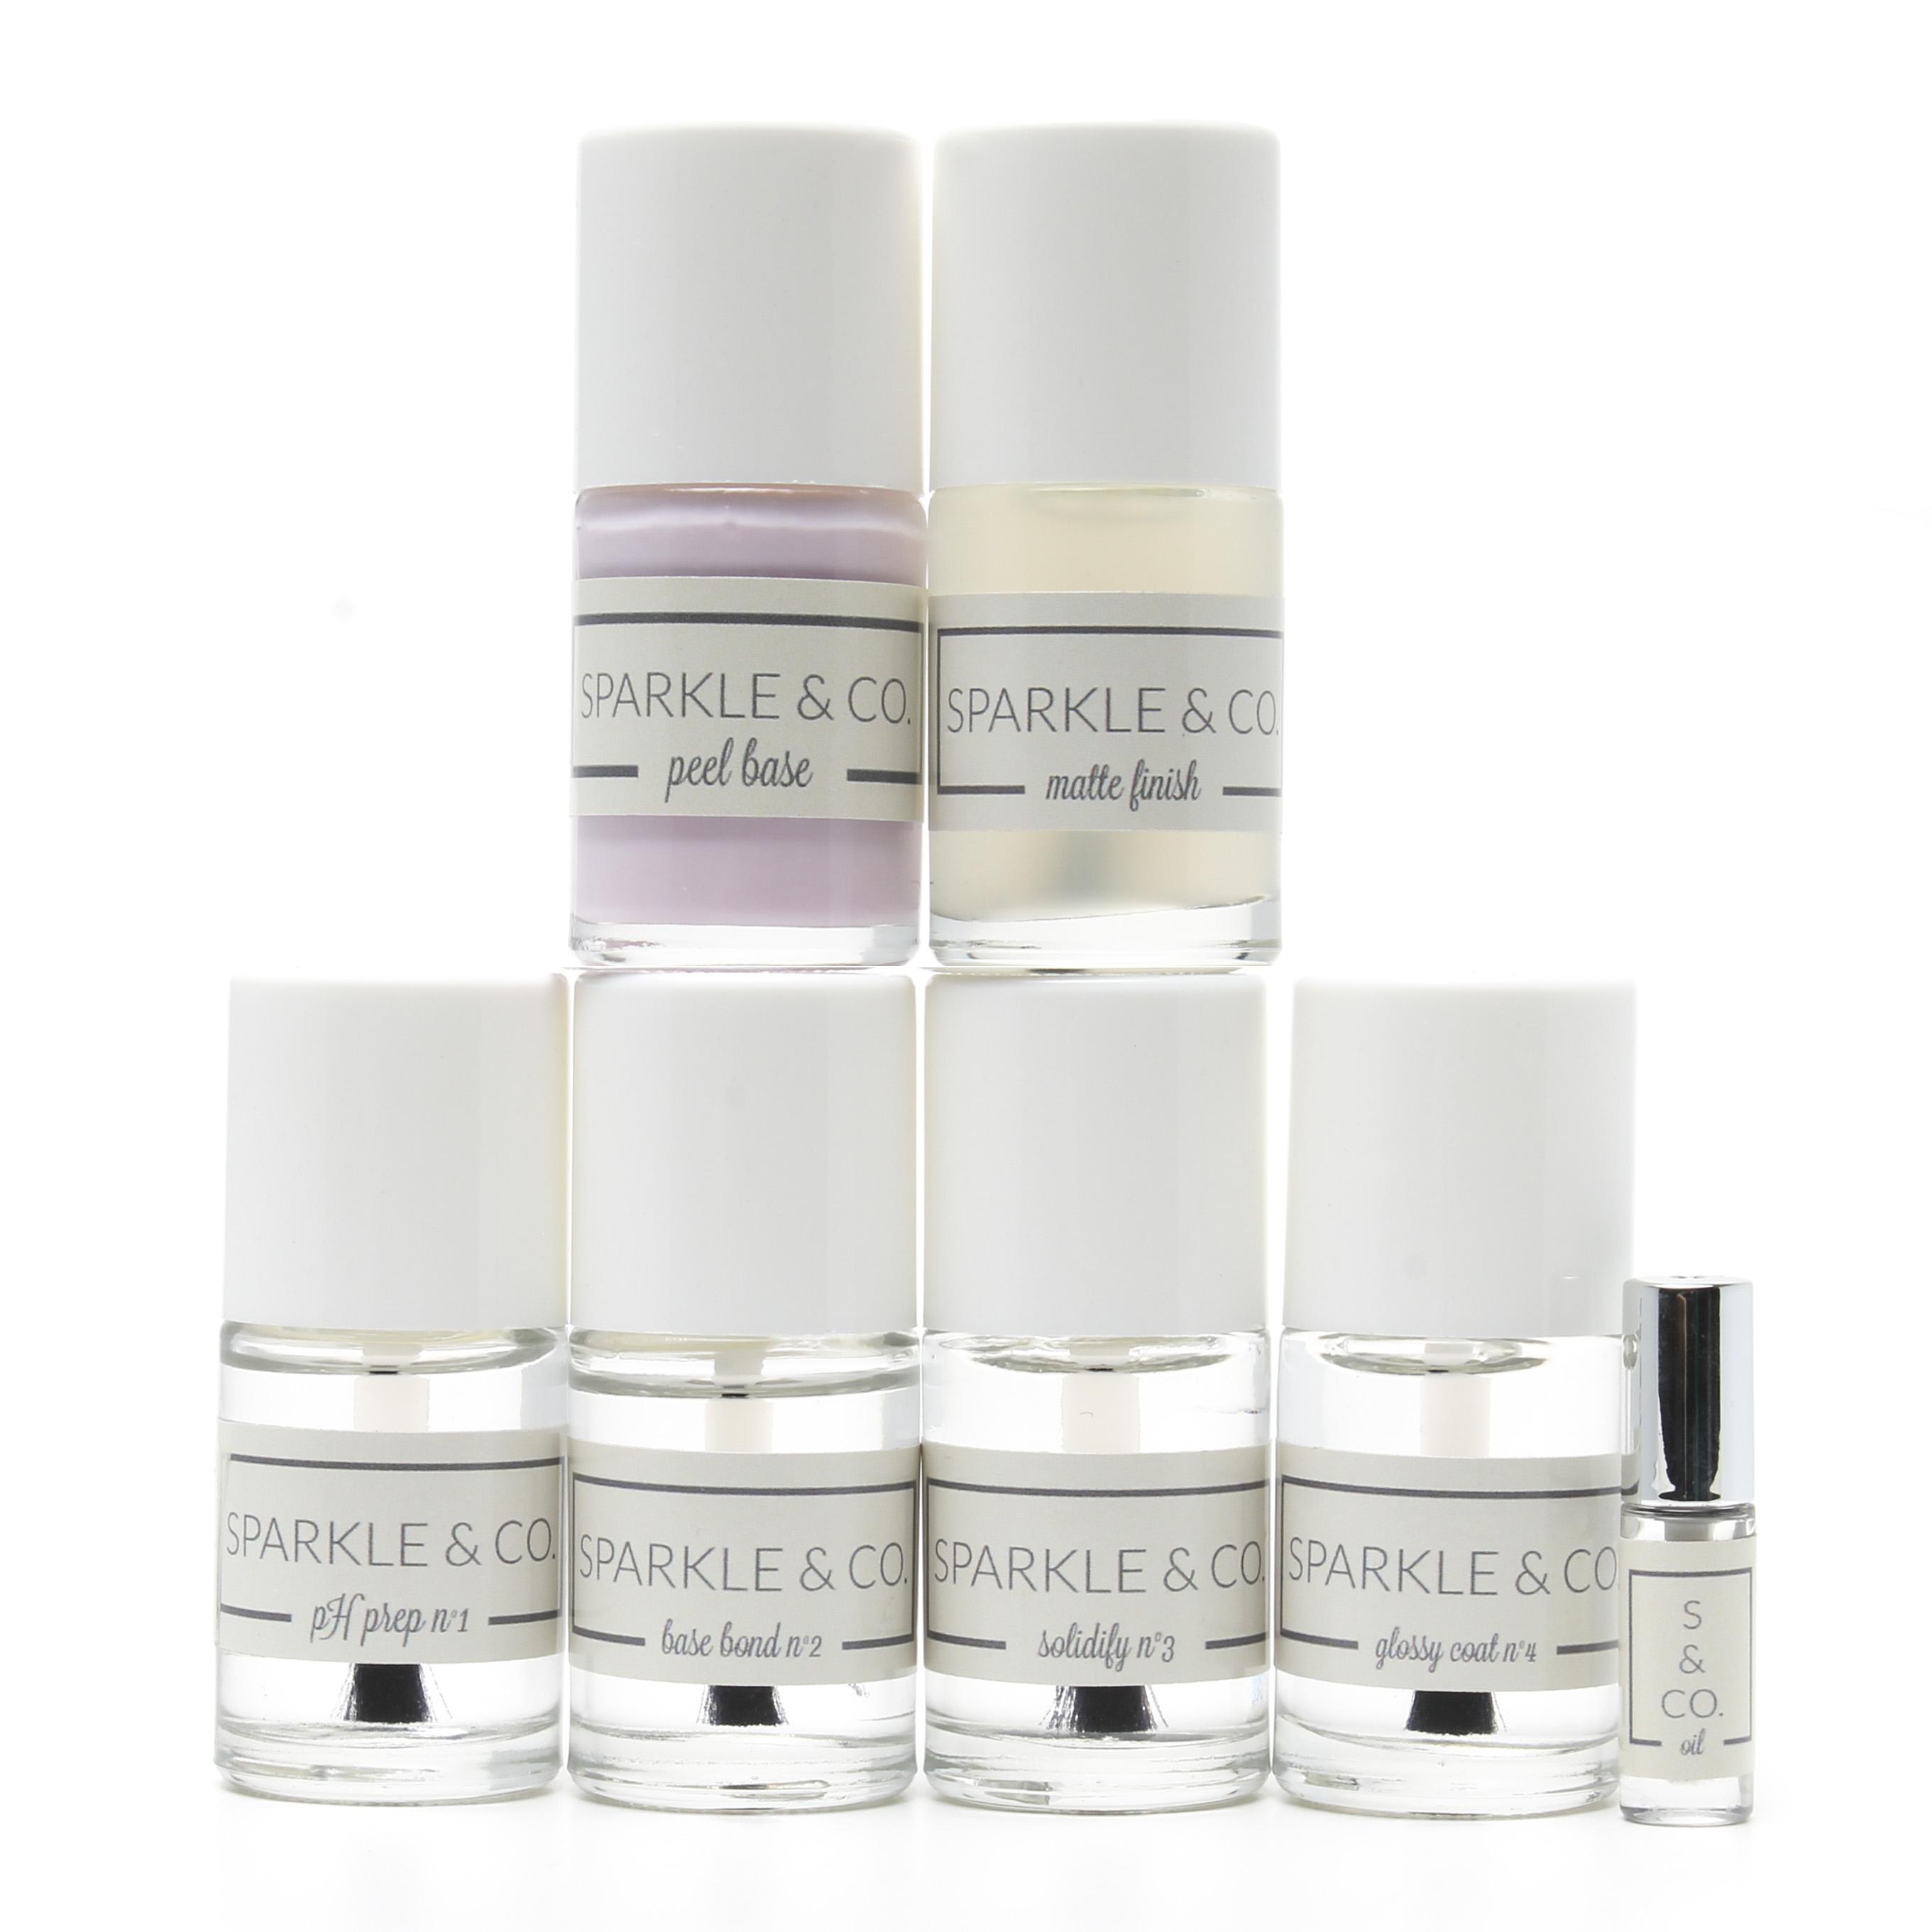 Sparkle & Co. 7 Liquids